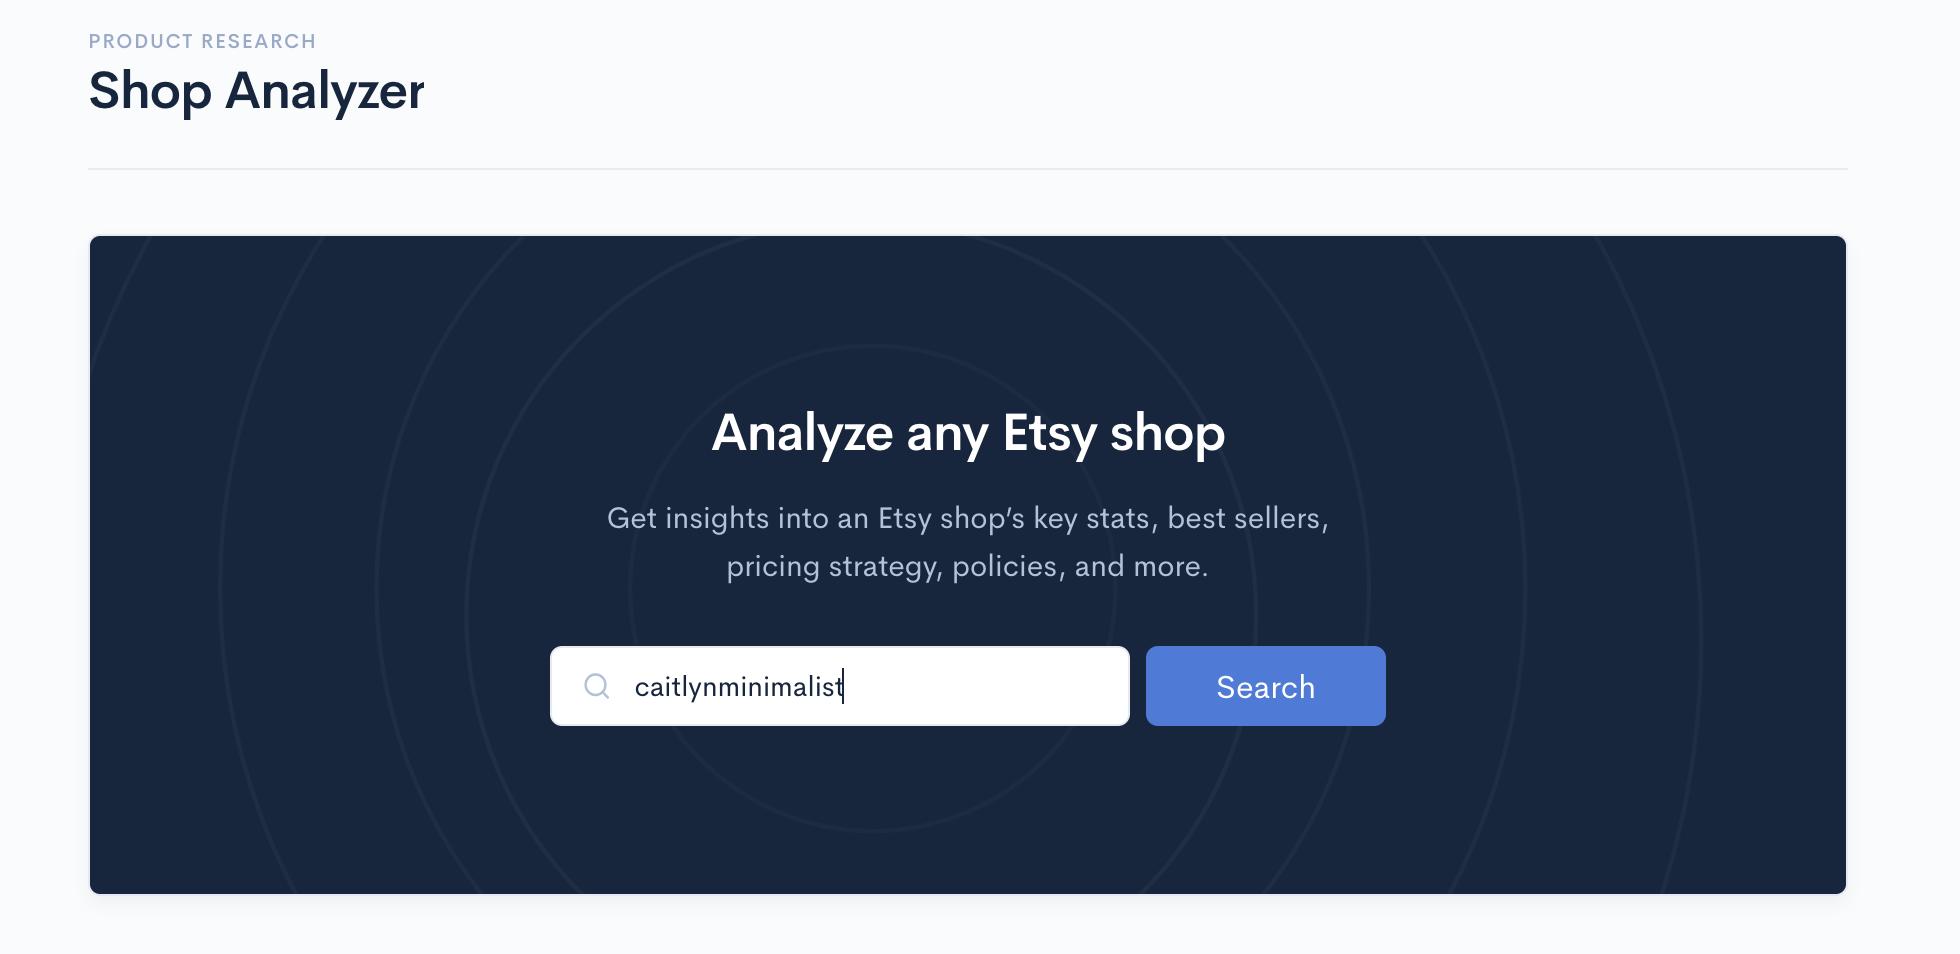 Alura Shop Analyzer - Search